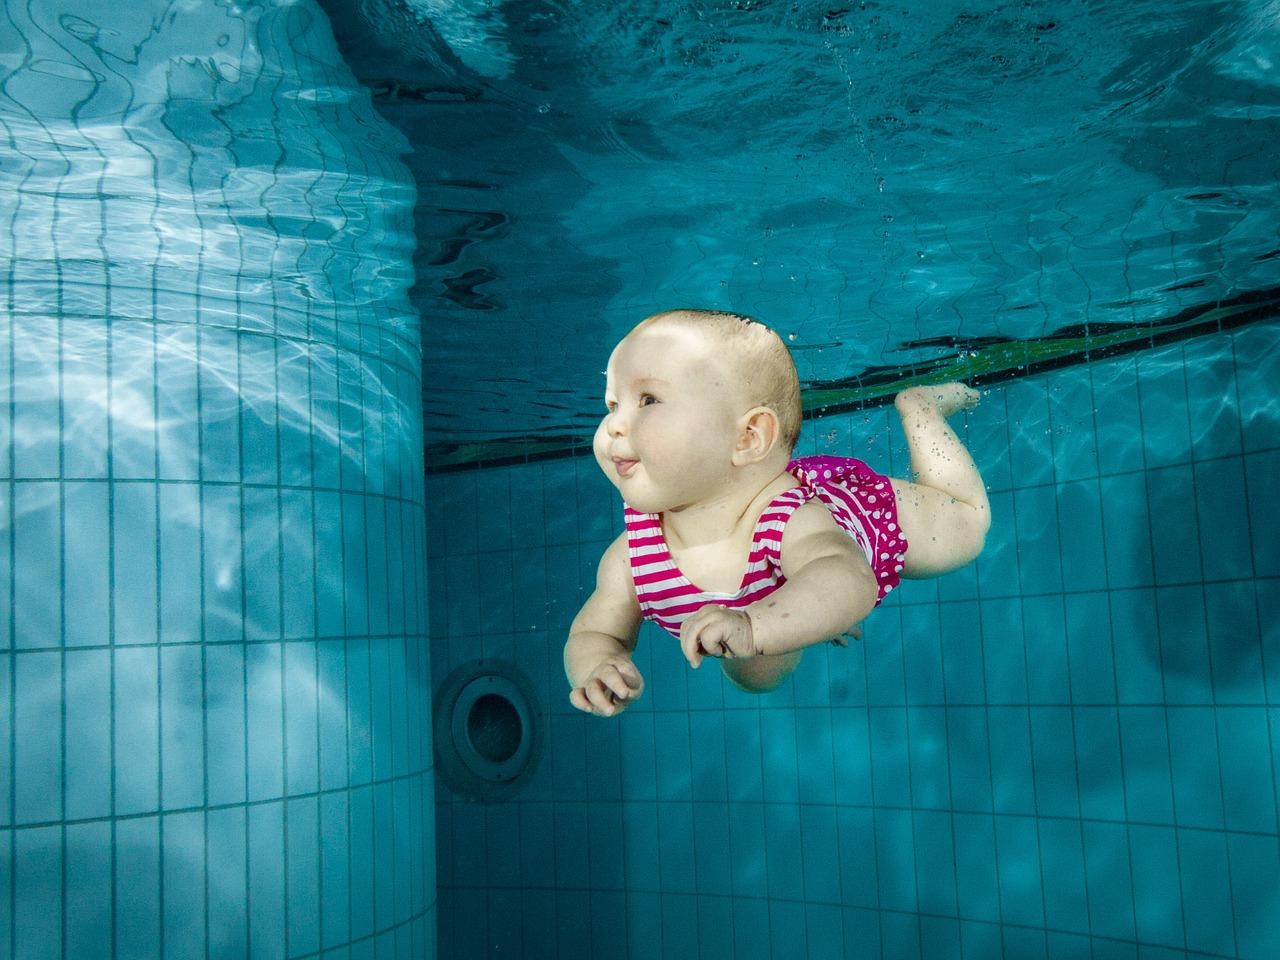 Kinder schwimmende Badeanzug Baby lernen schwimmen einstellbar Schwimmweste